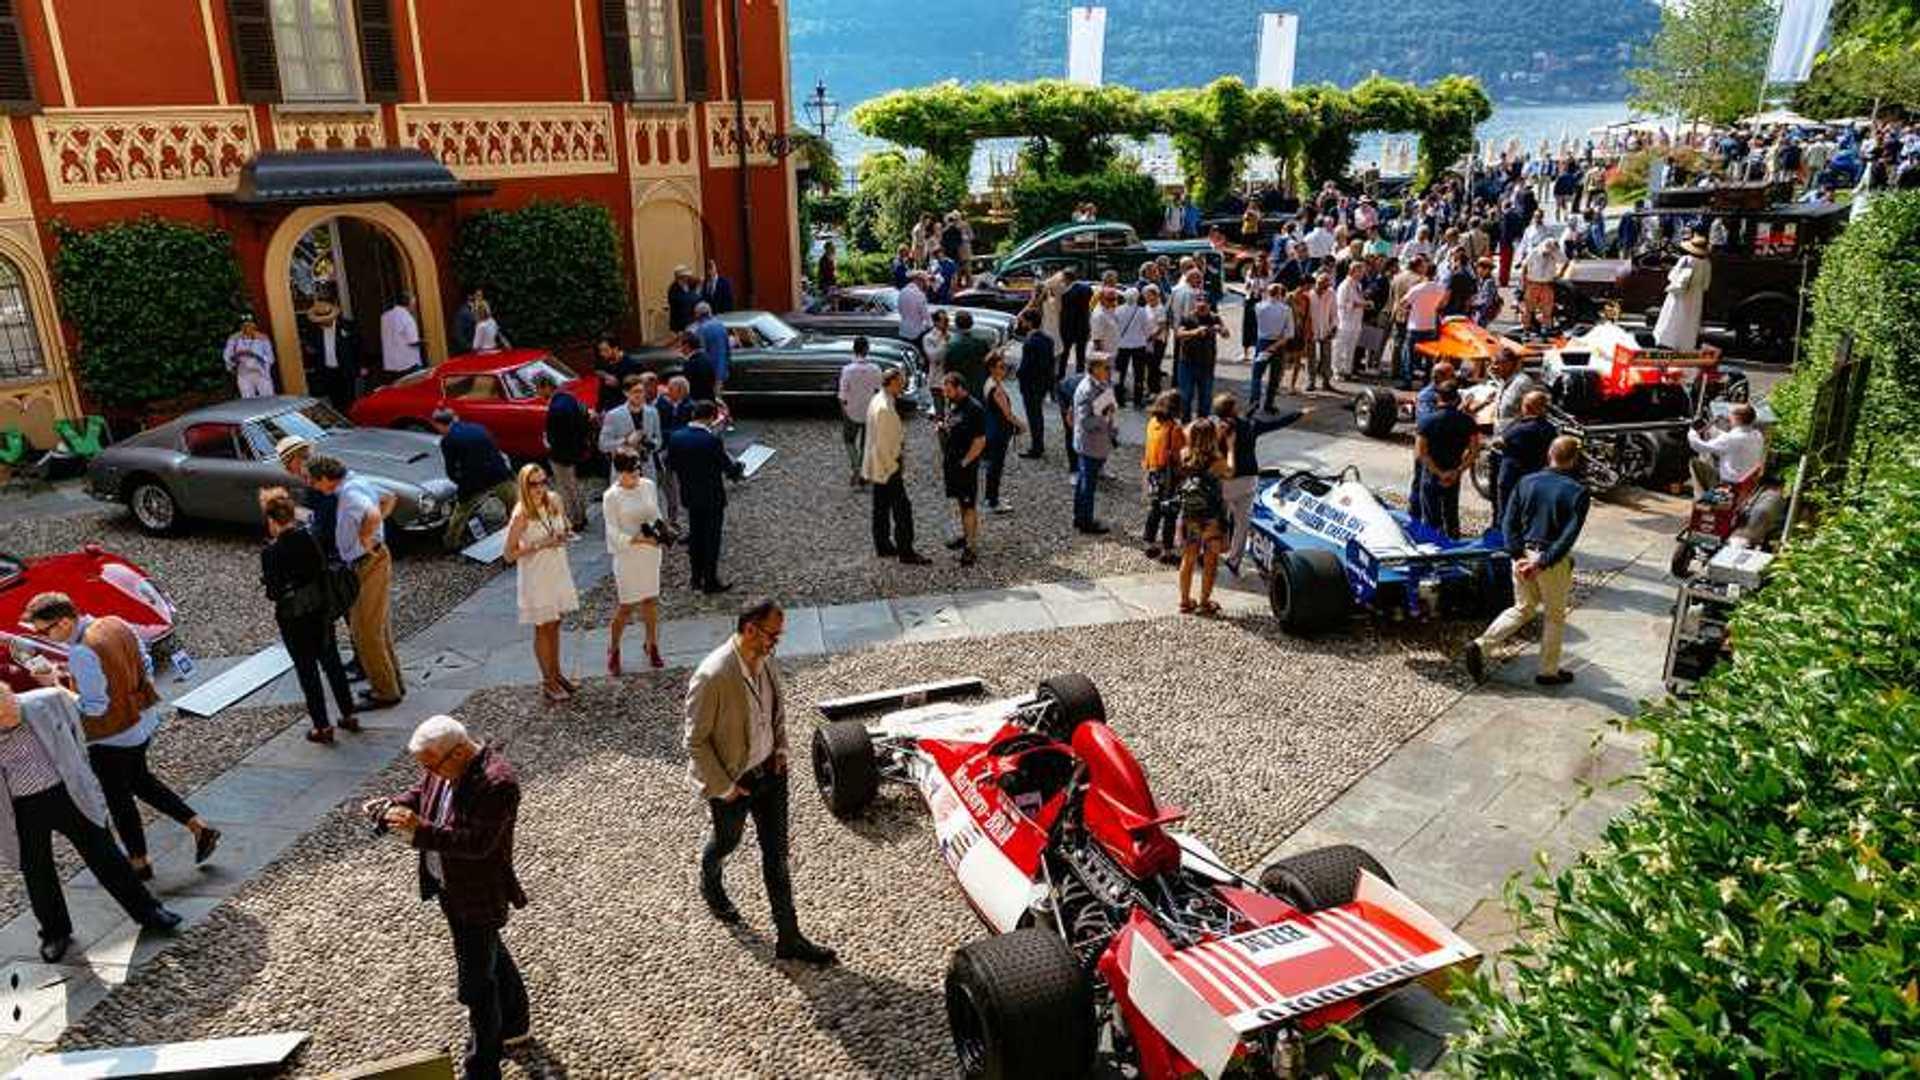 Concorso d'Eleganza Villa d'Este: come arrivare, quanto costa e cosa vedere